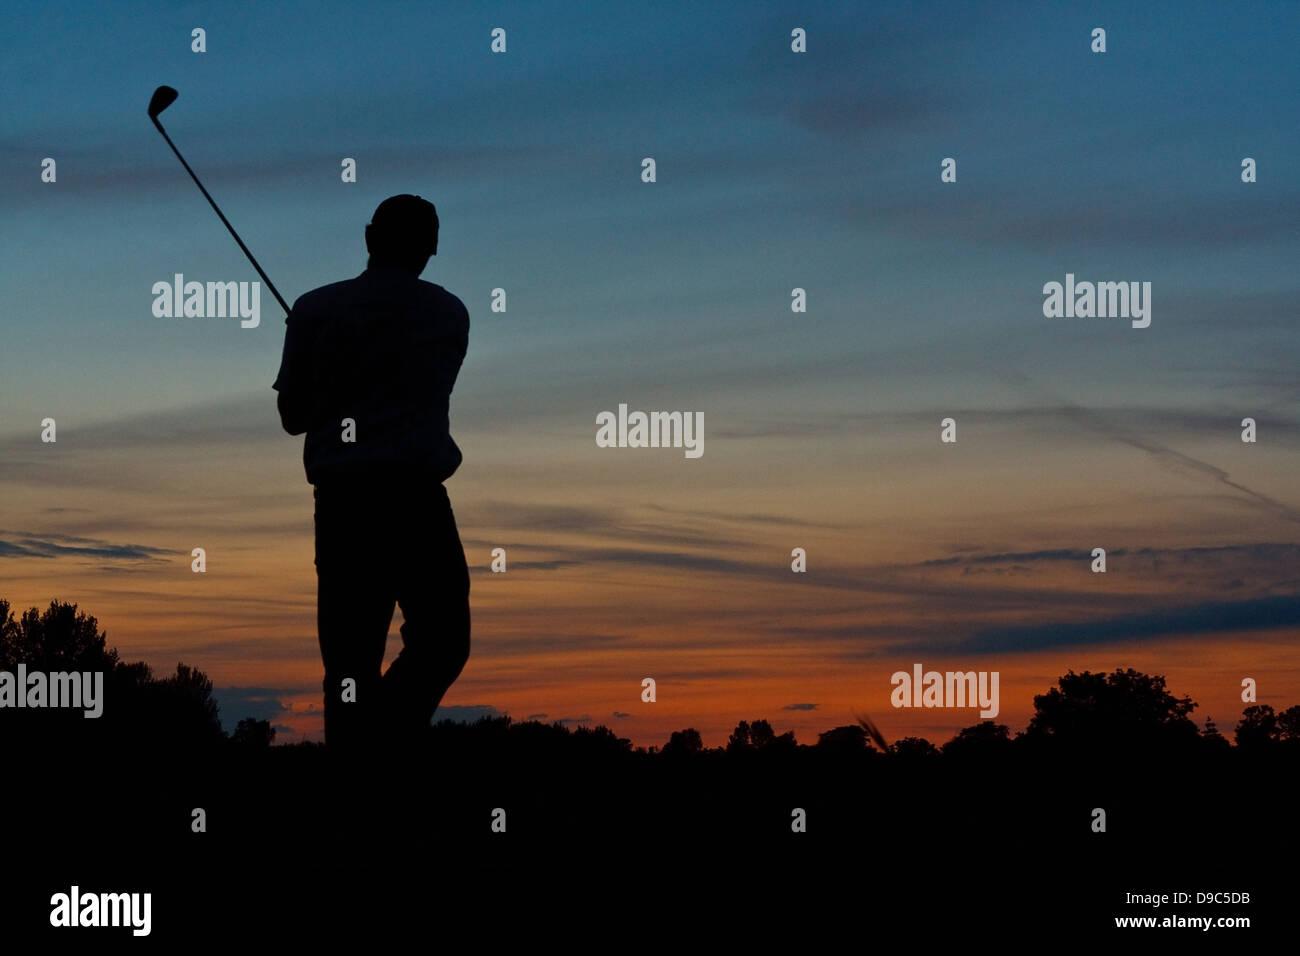 Silueta de un golfista solitario terminando un juego de golf en el crepúsculo Imagen De Stock